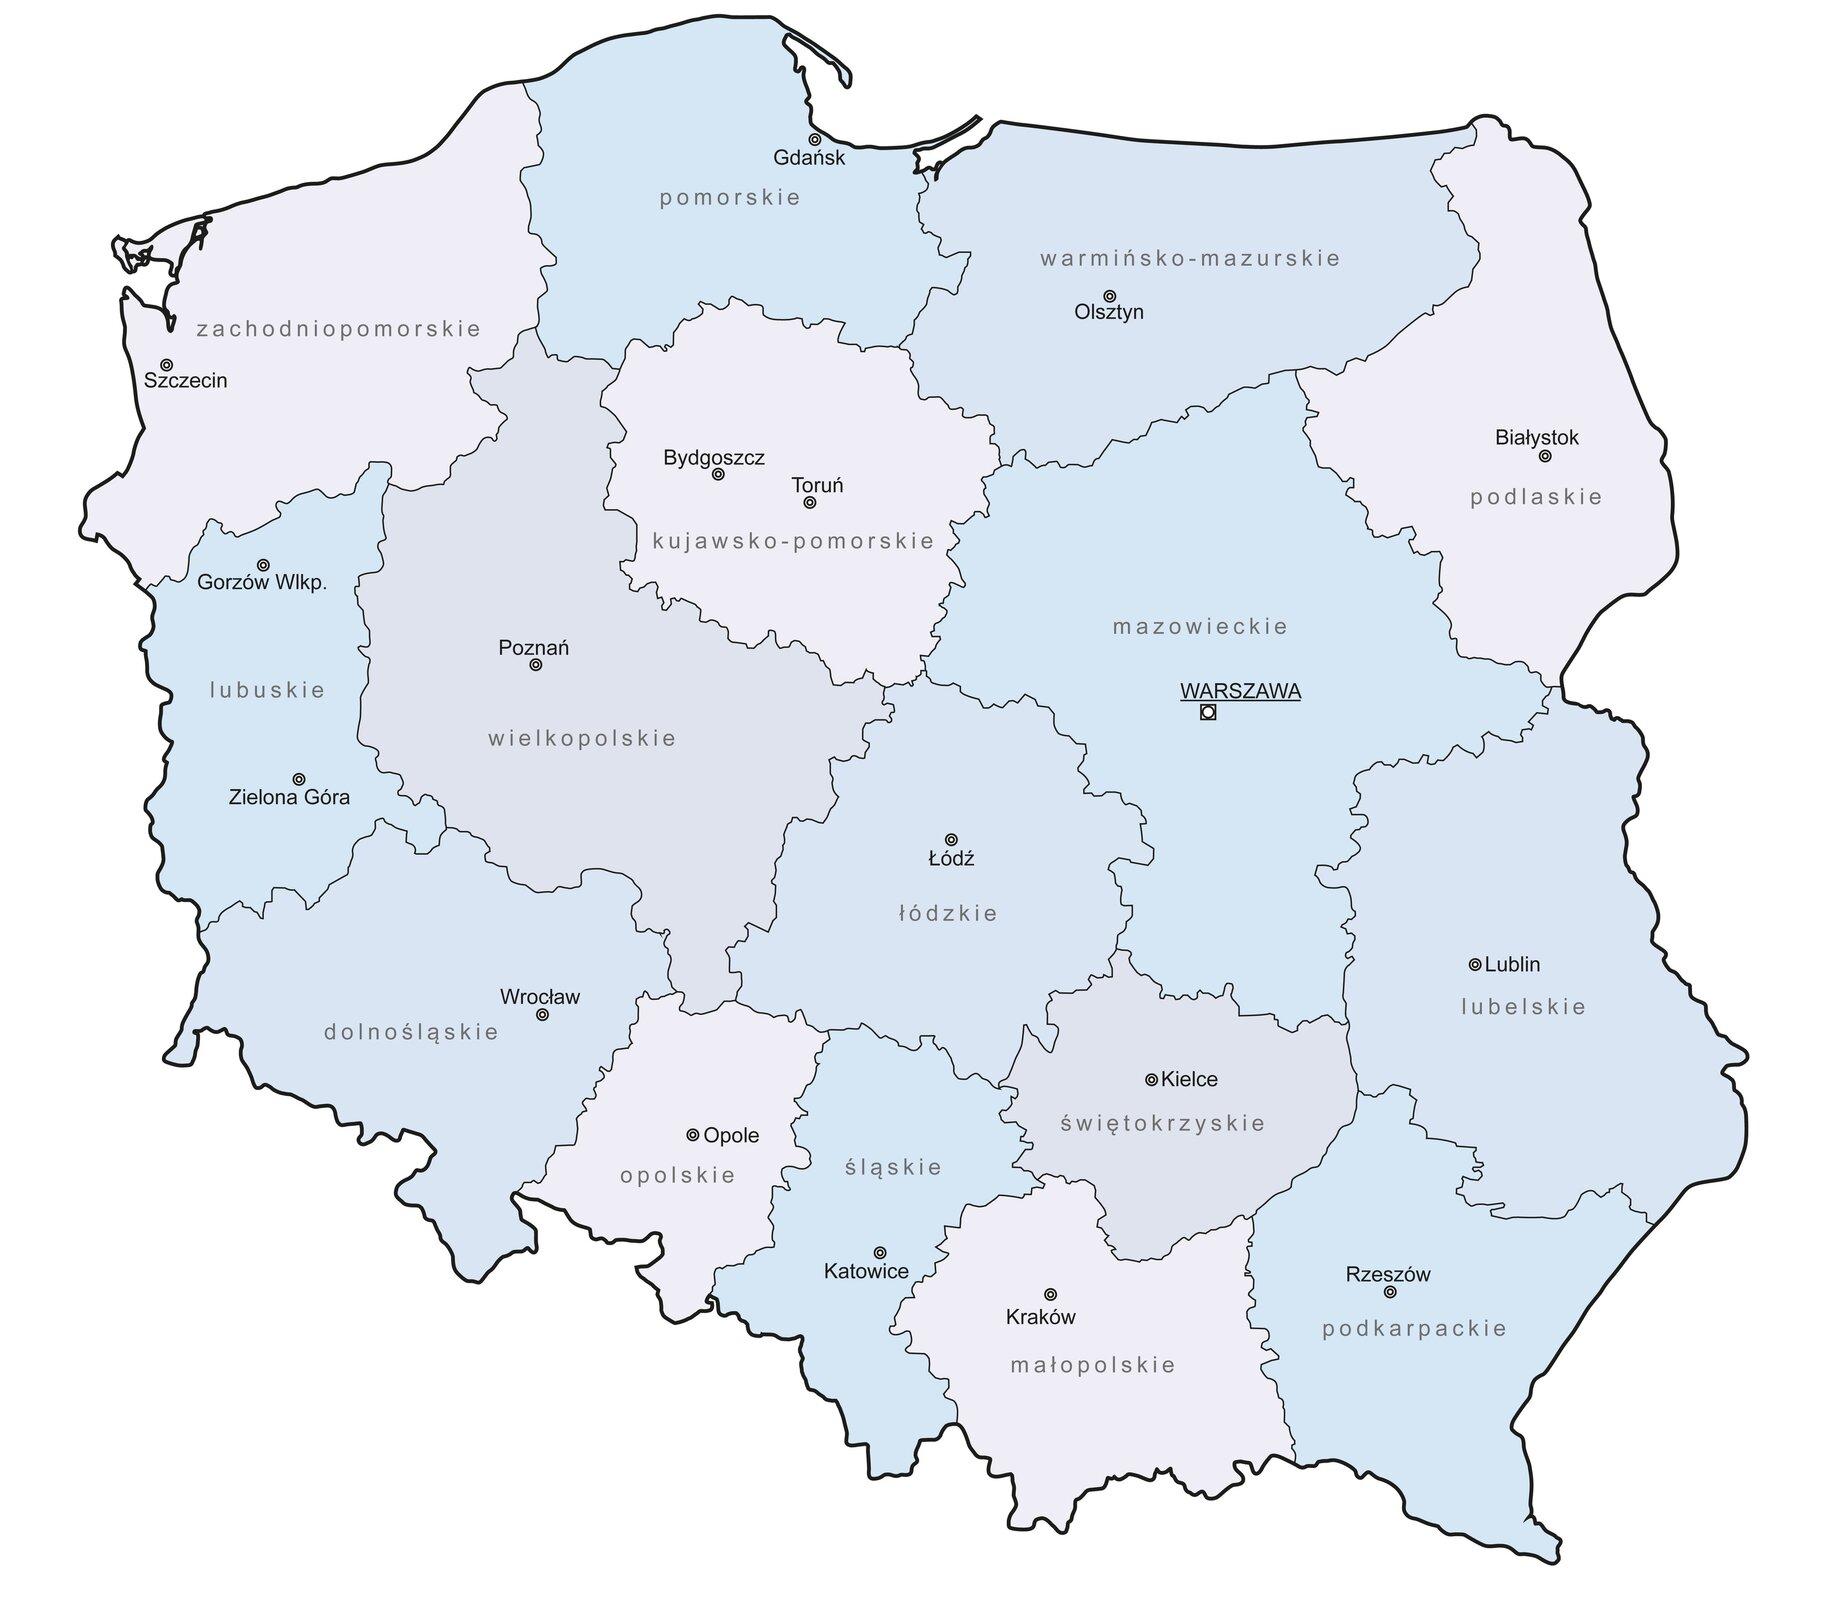 Ilustracja przedstawia mapę administracyjną Polski. Każde województwo zaznaczone jest innym kolorem. Zaznaczone są również stolice poszczególnych województw.